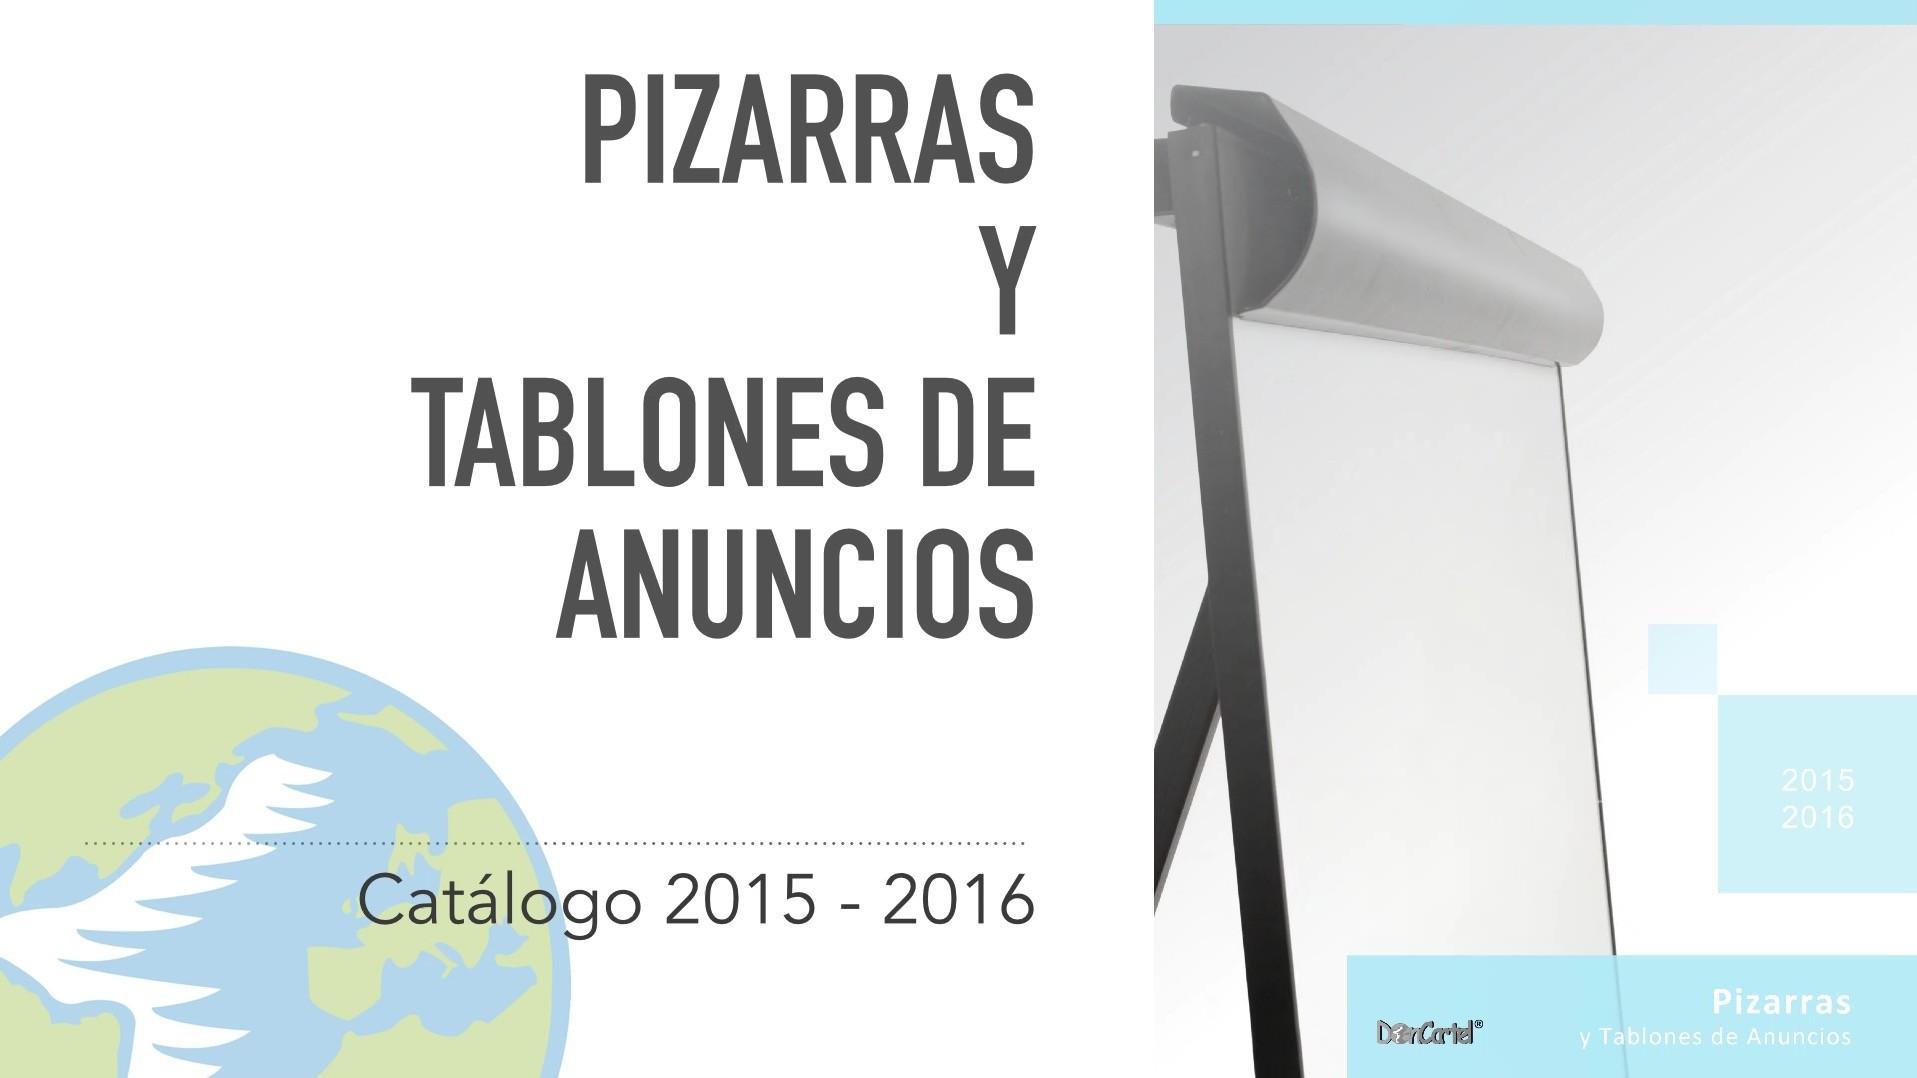 Catálogo Pizarras y Tablones de Anuncios nuevo video catálogo